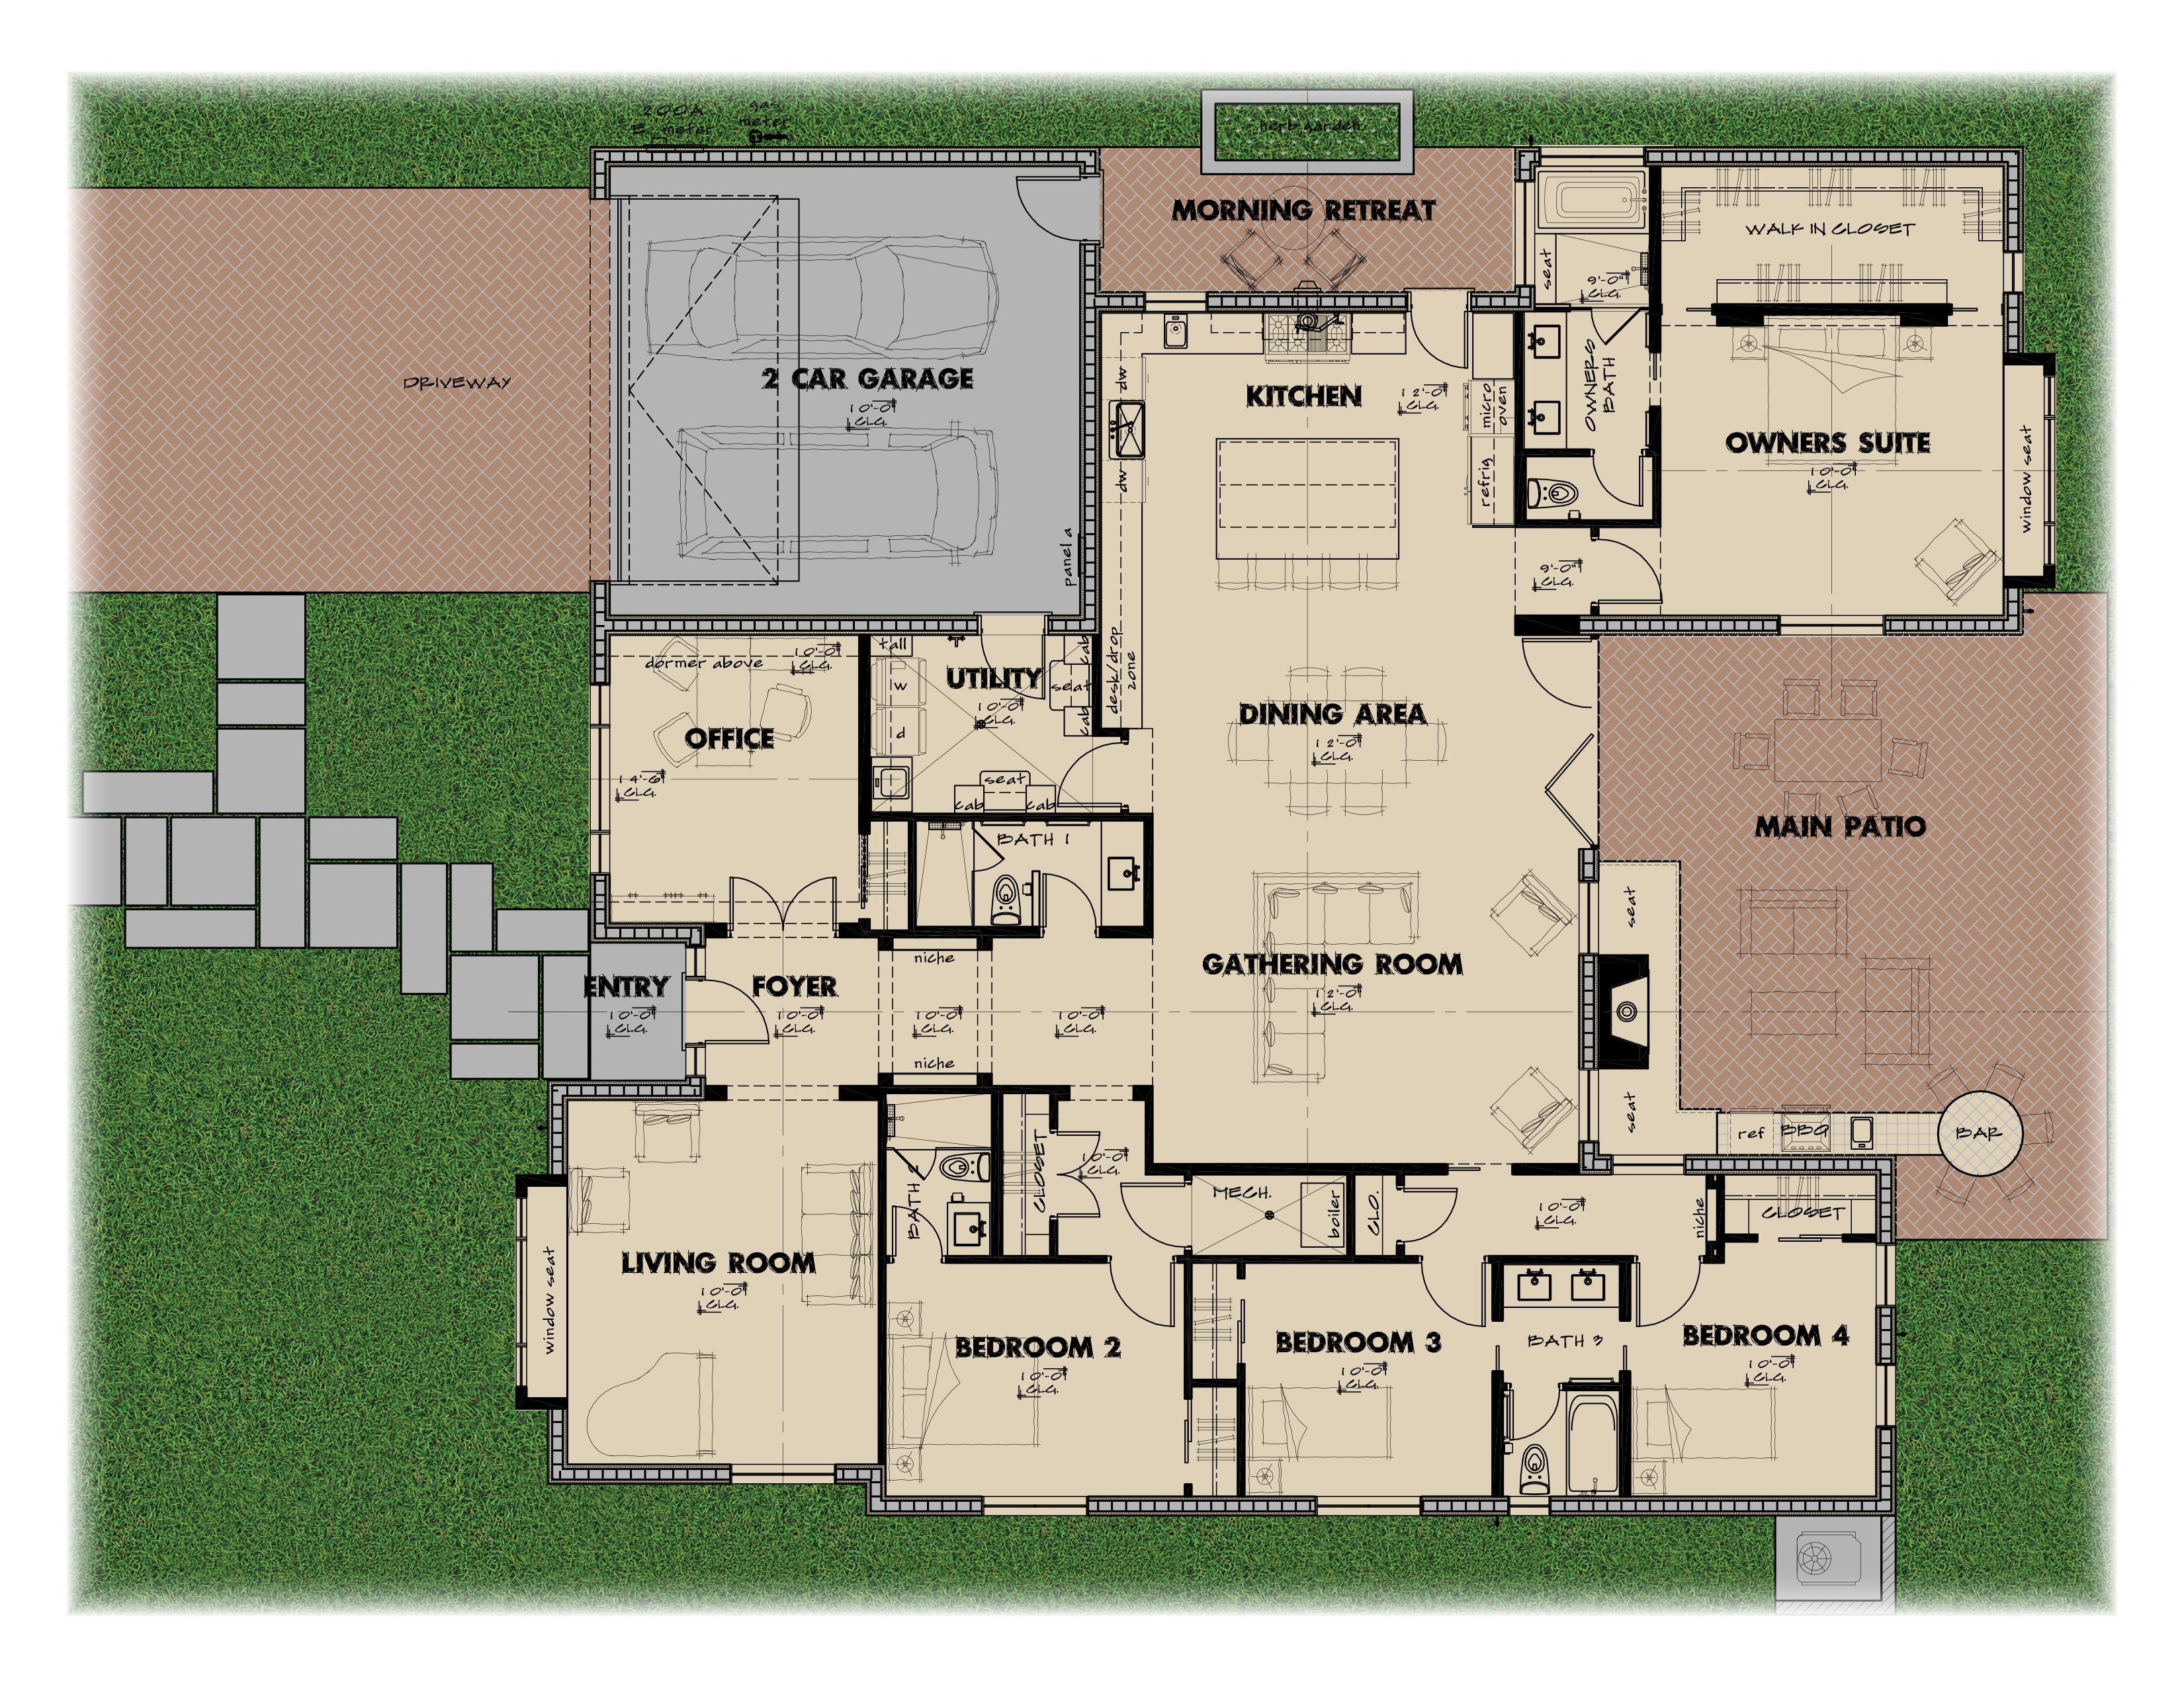 9-16-003 - 06 - Floor Plan